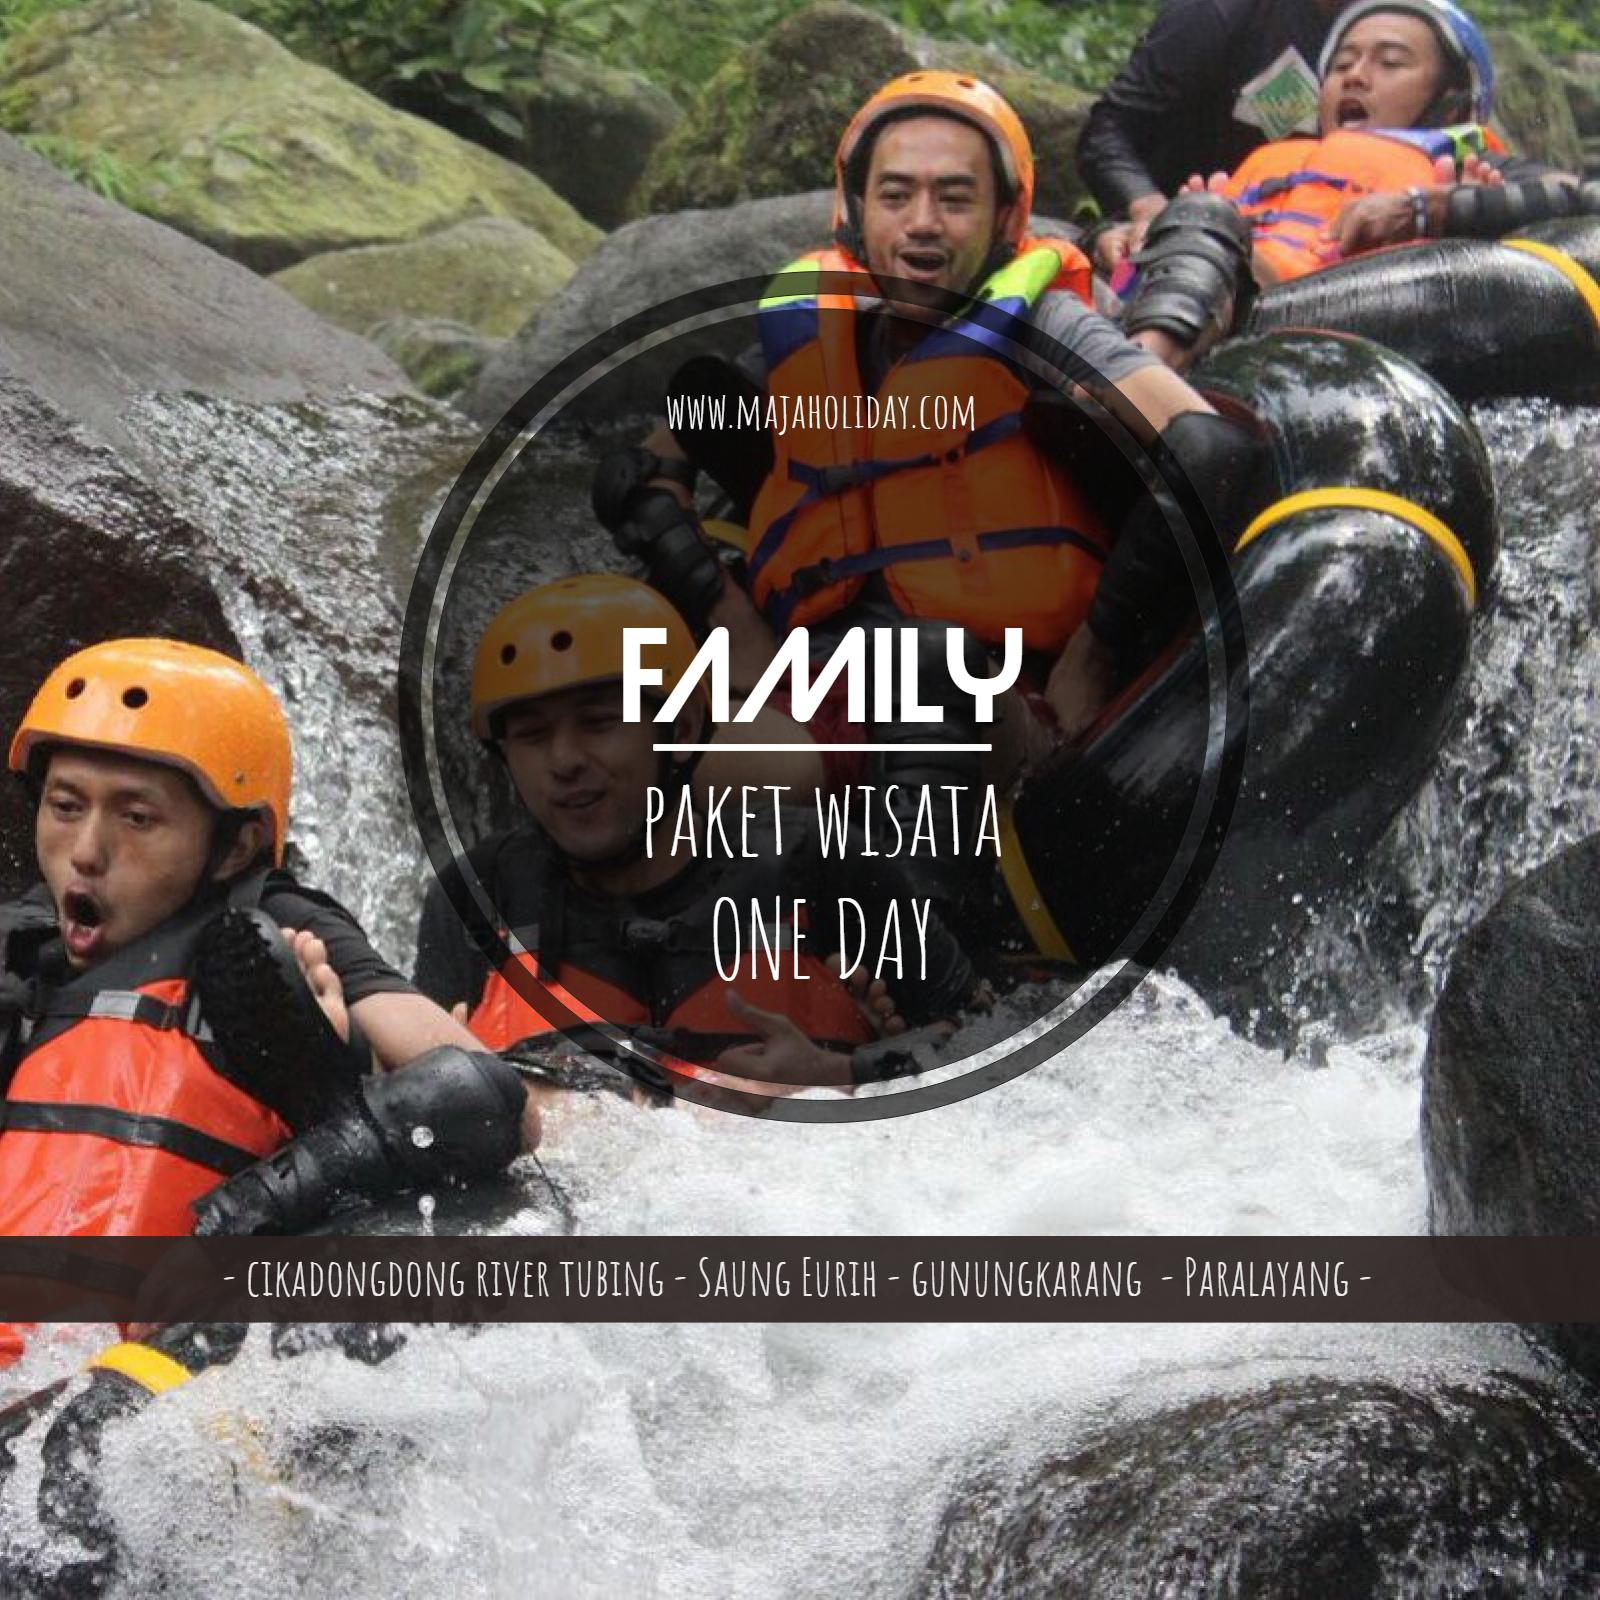 poster paket wisata family majalengka